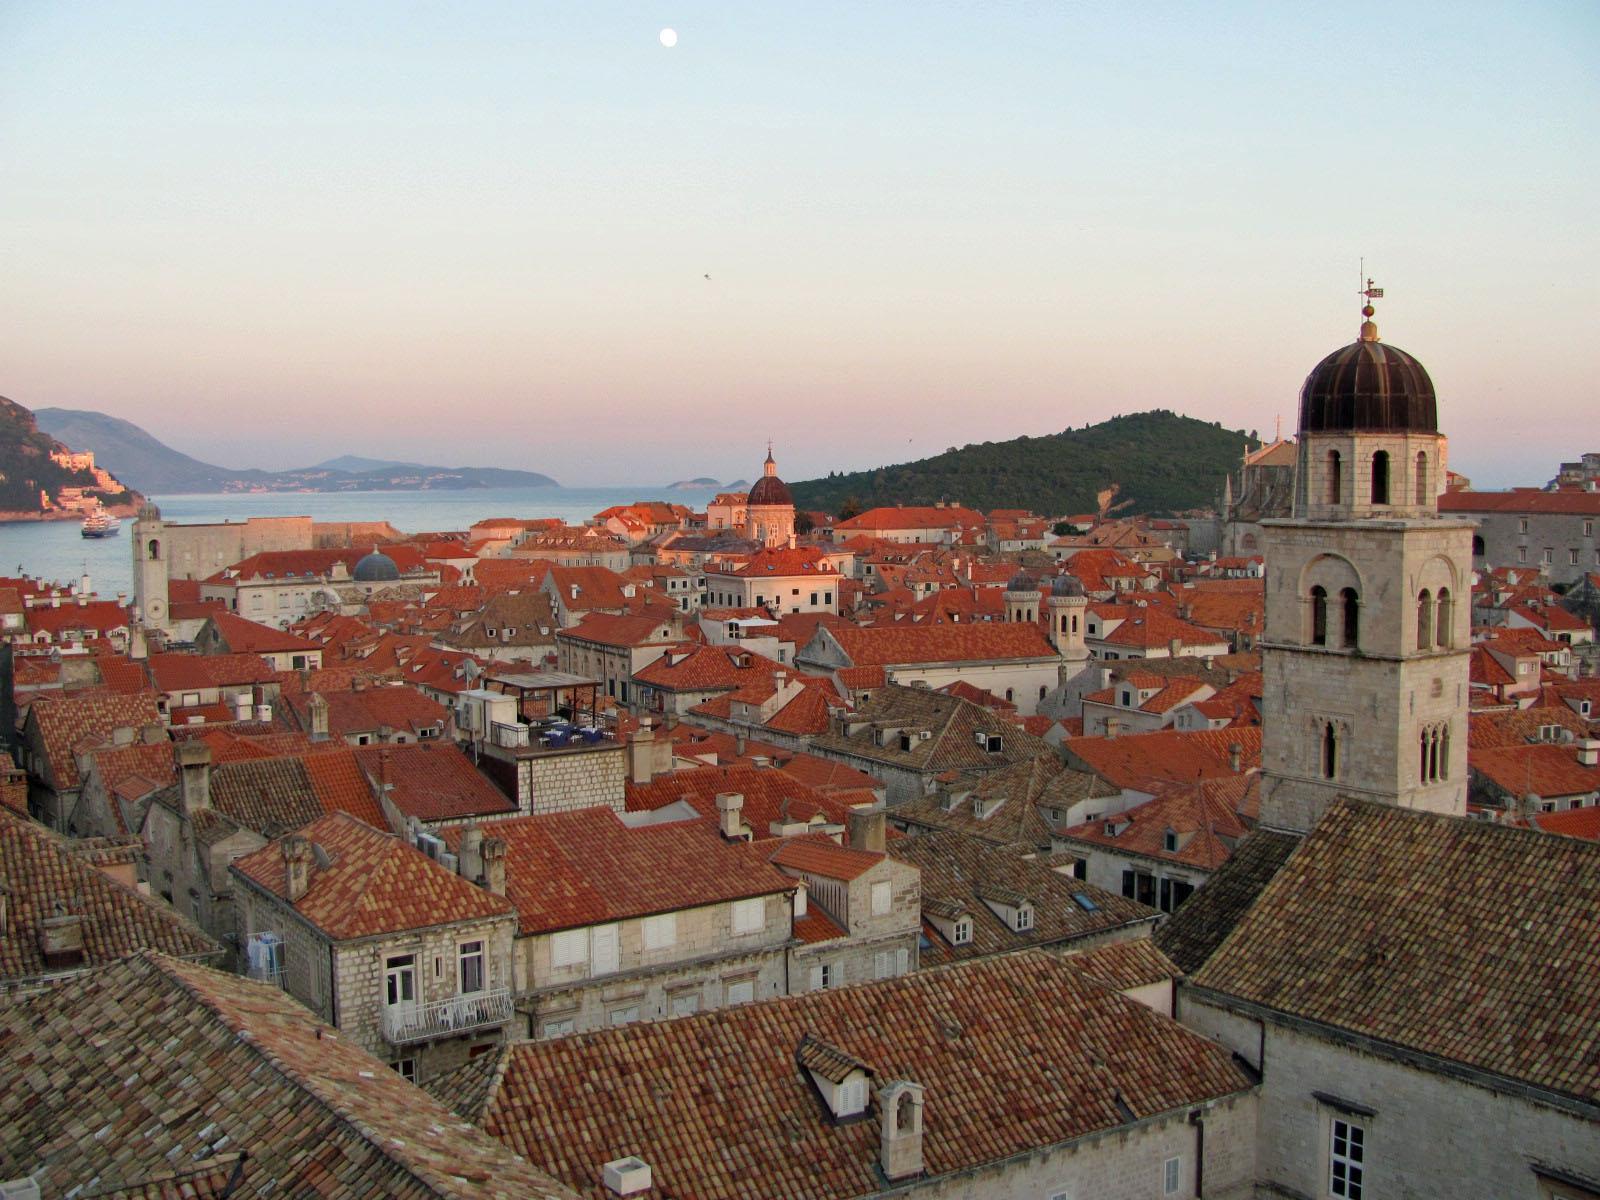 IMG_0234F moonrise over Dubrovnik.jpg